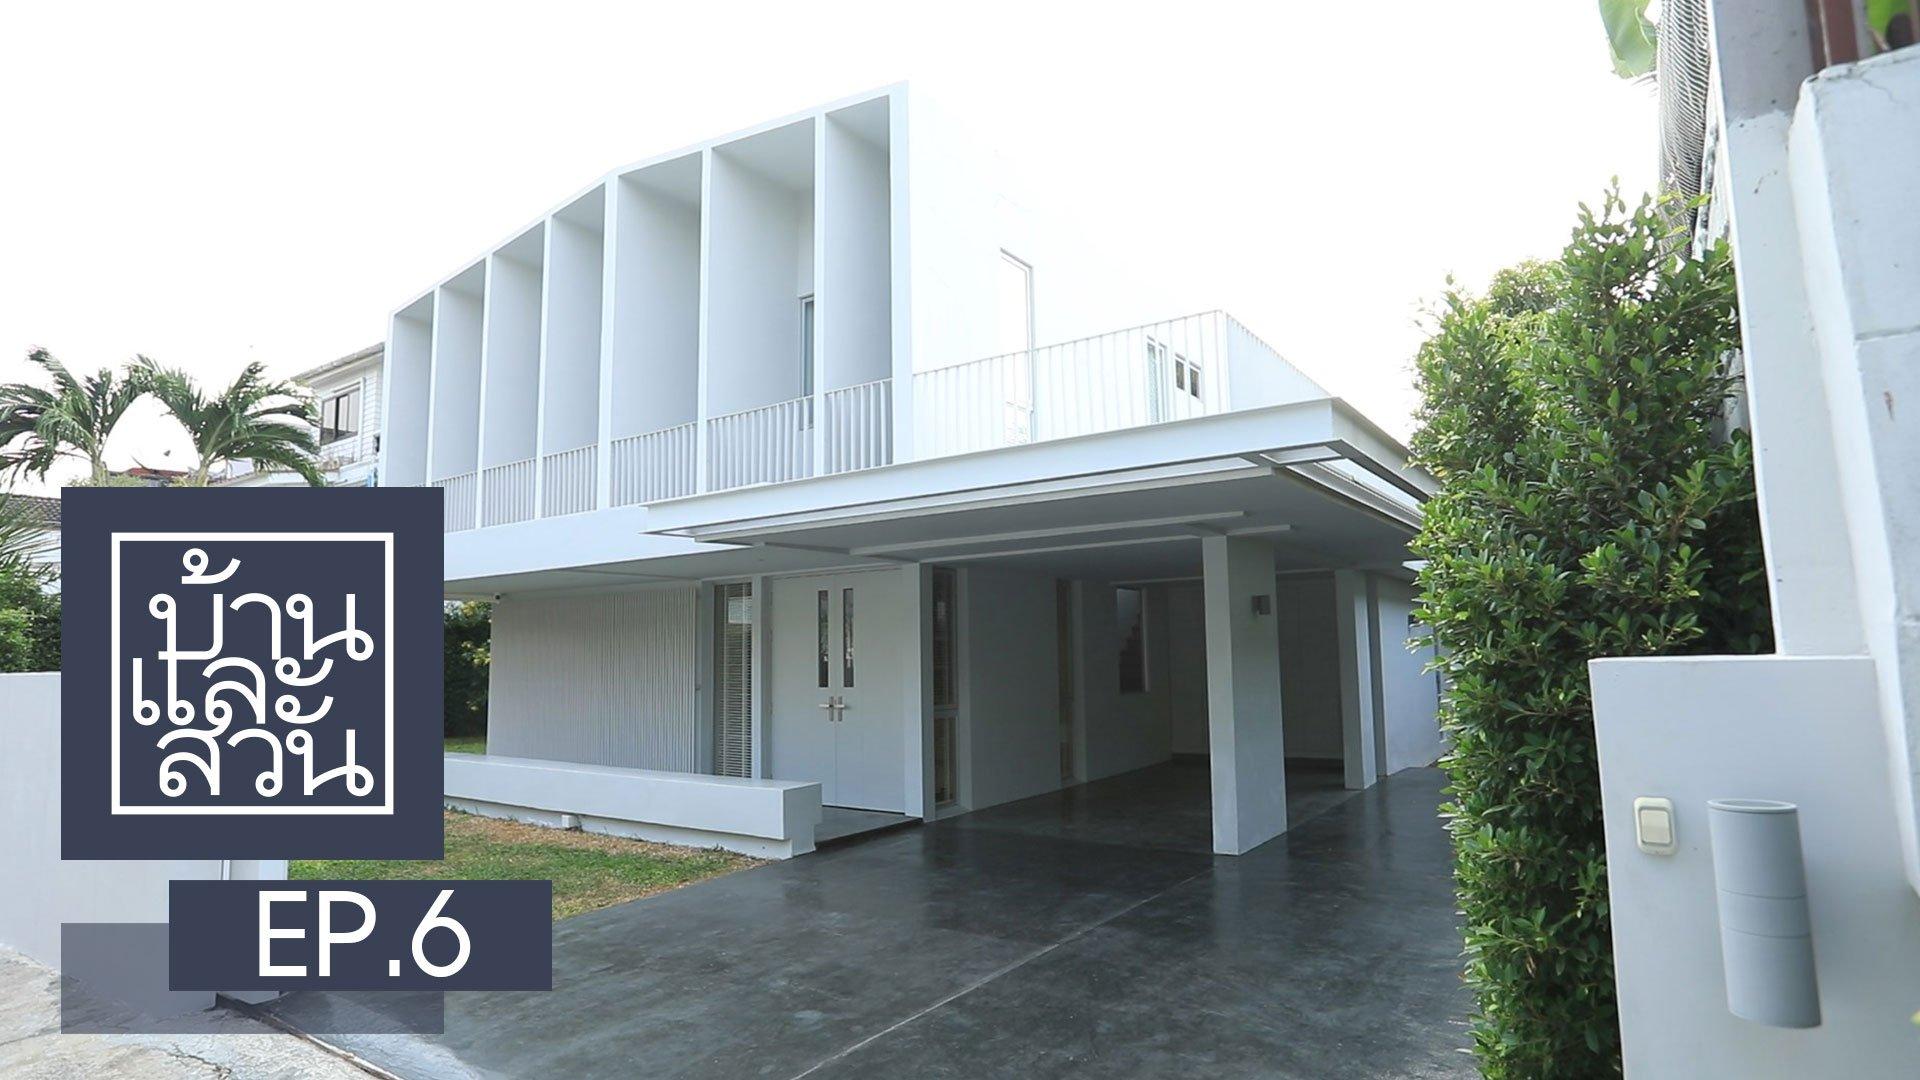 บ้านและสวน   EP.6   15 มี.ค. 63   AMARIN TVHD34